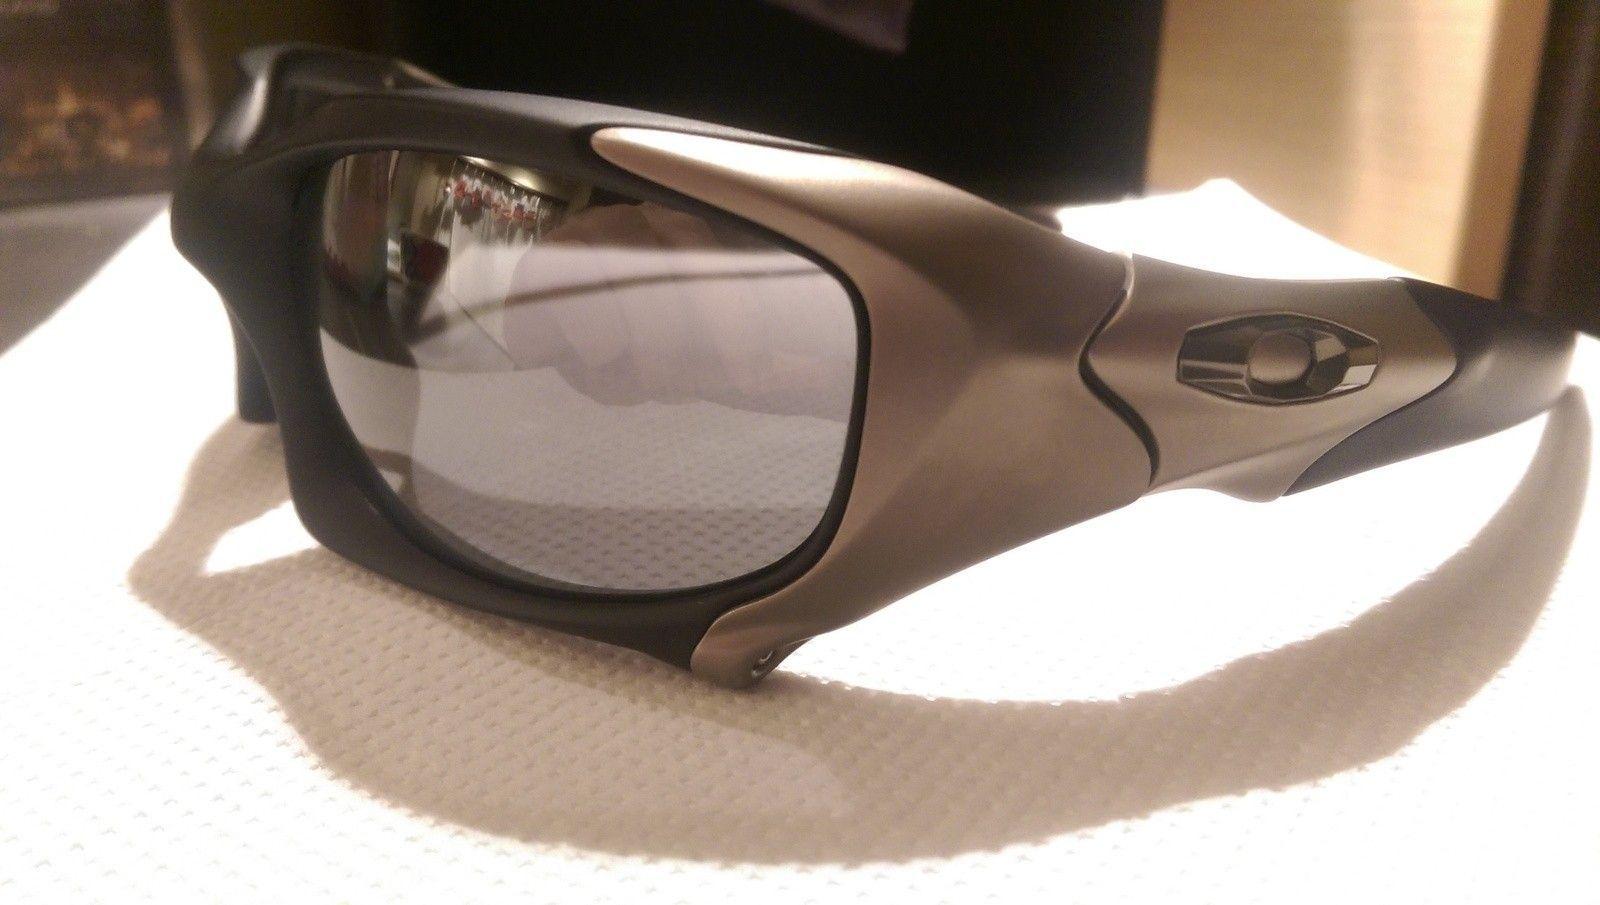 475.00 Pit Boss 1 - 03-303 - Matte Black -OEM lens LNIB  CONUS - uploadfromtaptalk1450298442575.jpg